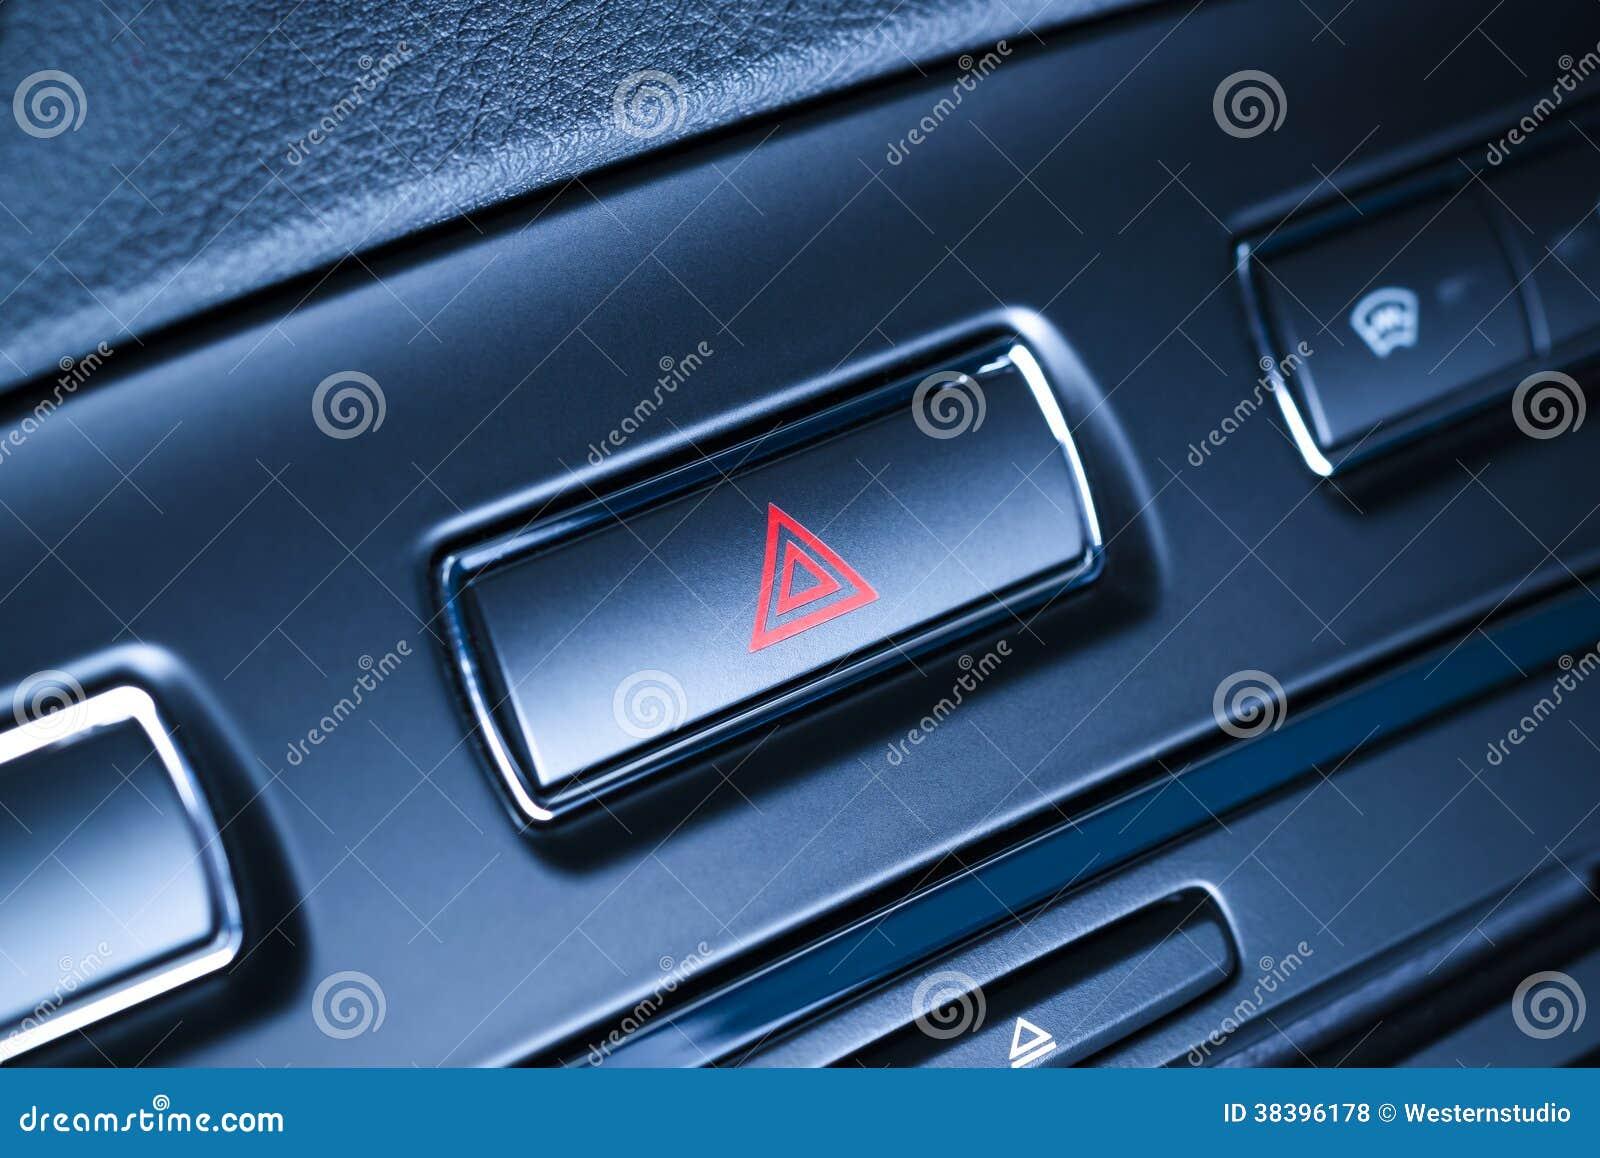 Pojazd, samochodowego zagrożenia ostrzegawczy migacze zapina z widocznym czerwonym trójbokiem.